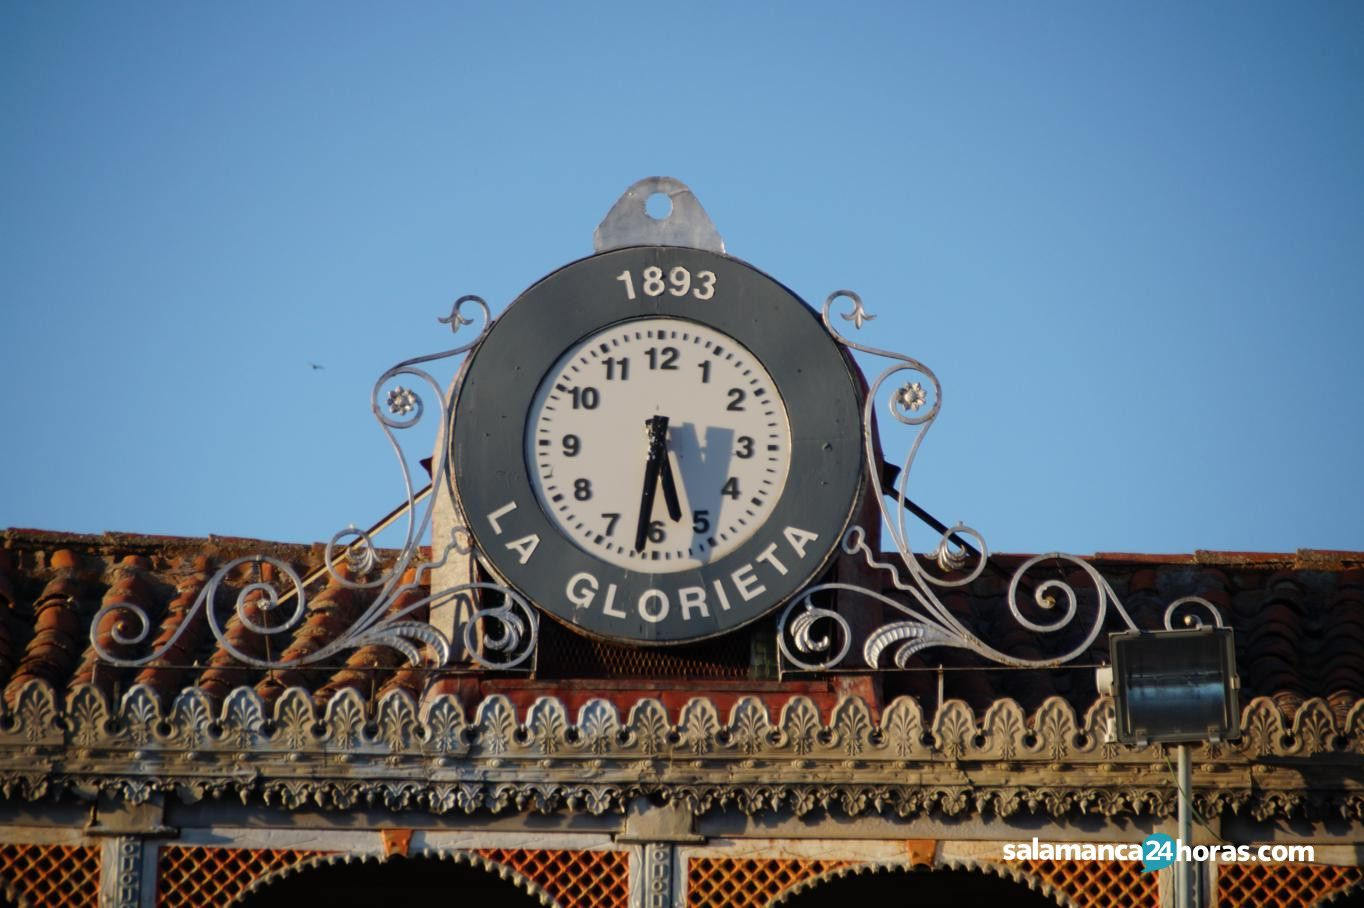 La Glorieta Plazas y Patios (68)